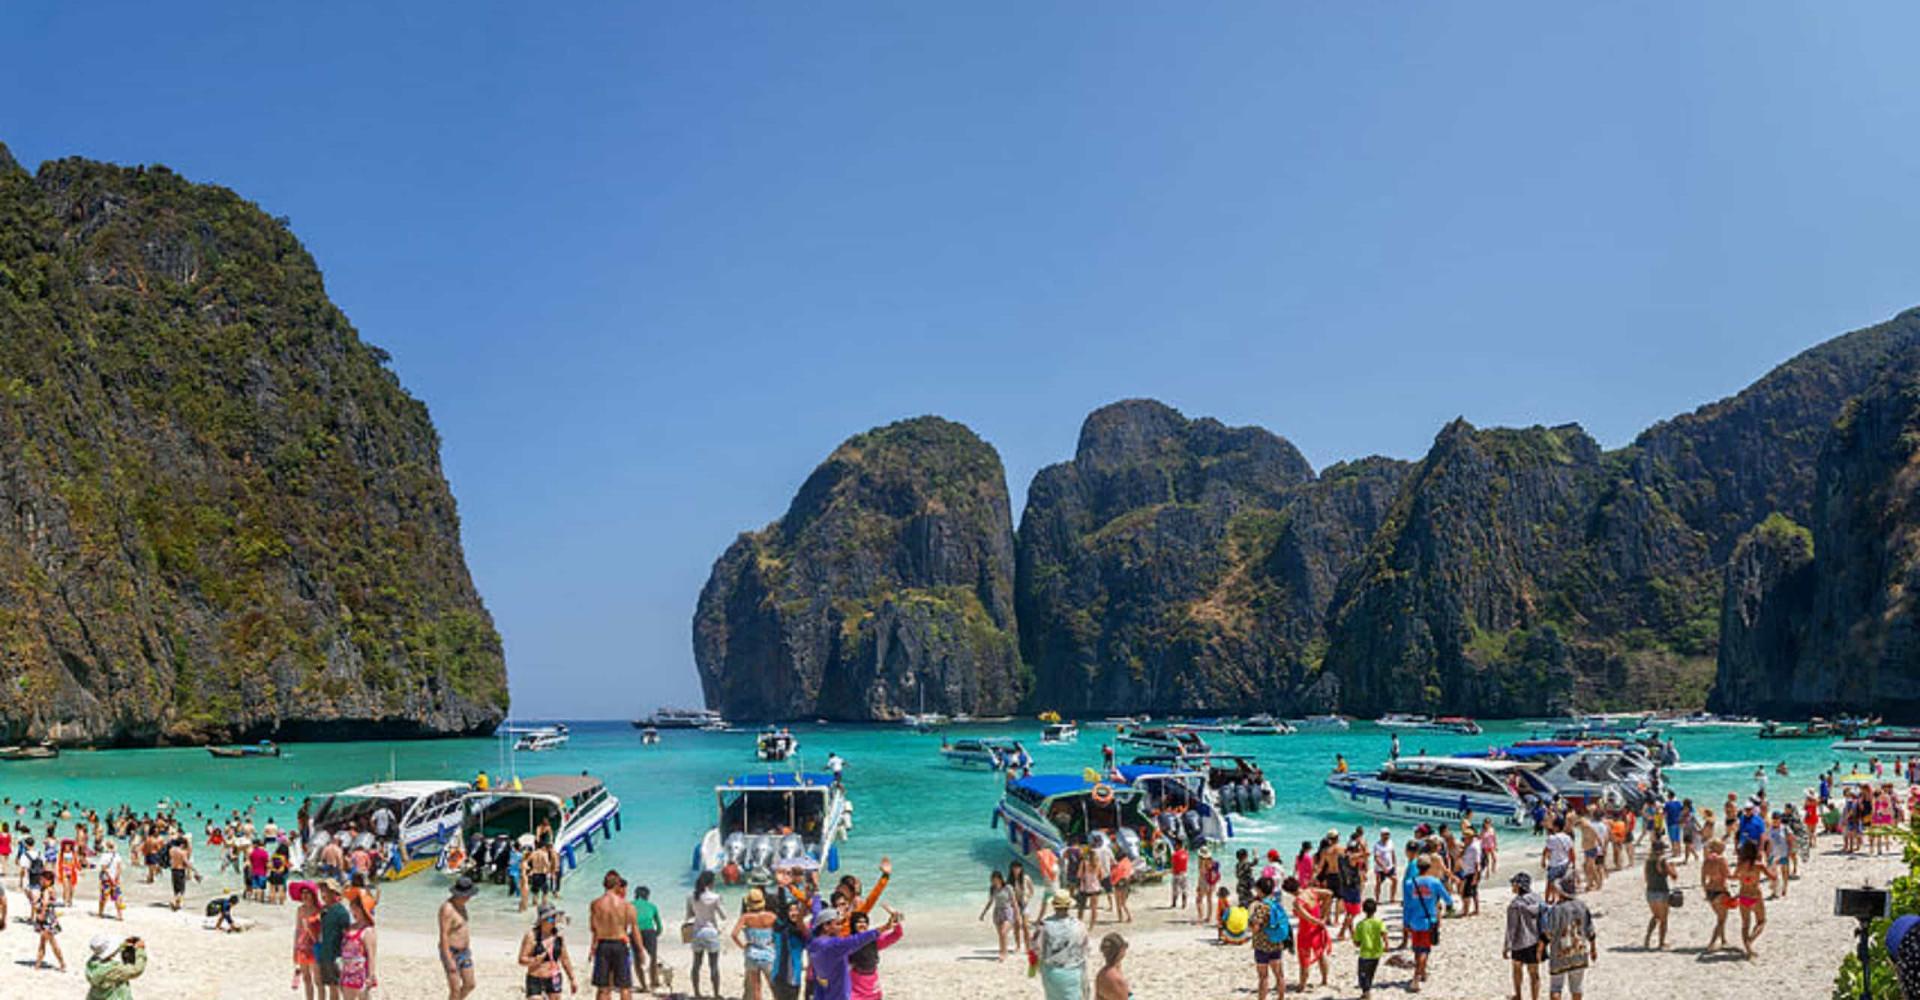 Destinos turísticos arrasados por las hordas de turistas